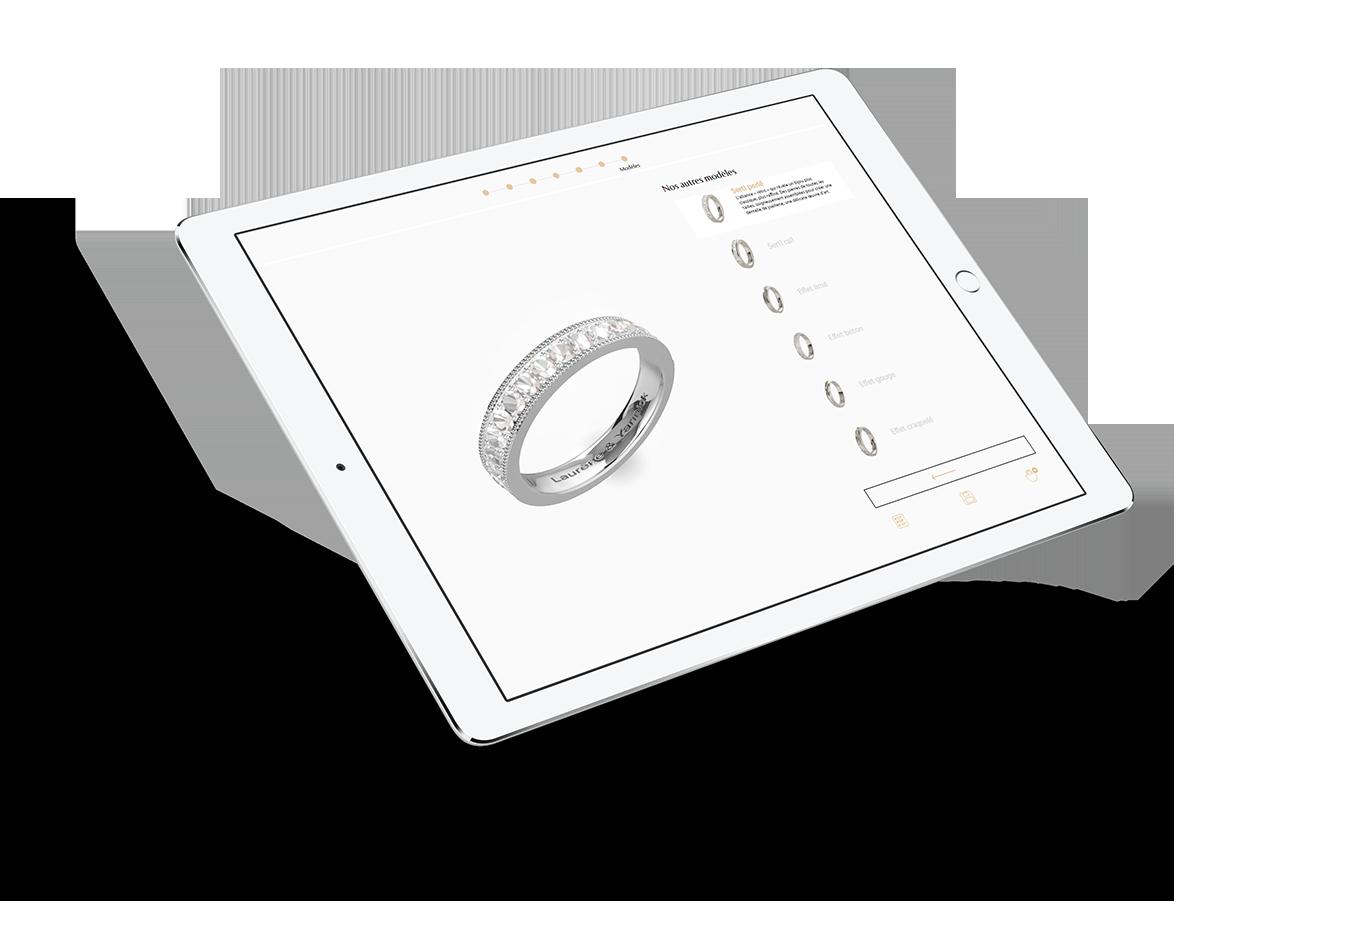 Configurateur produit 3Dswipe